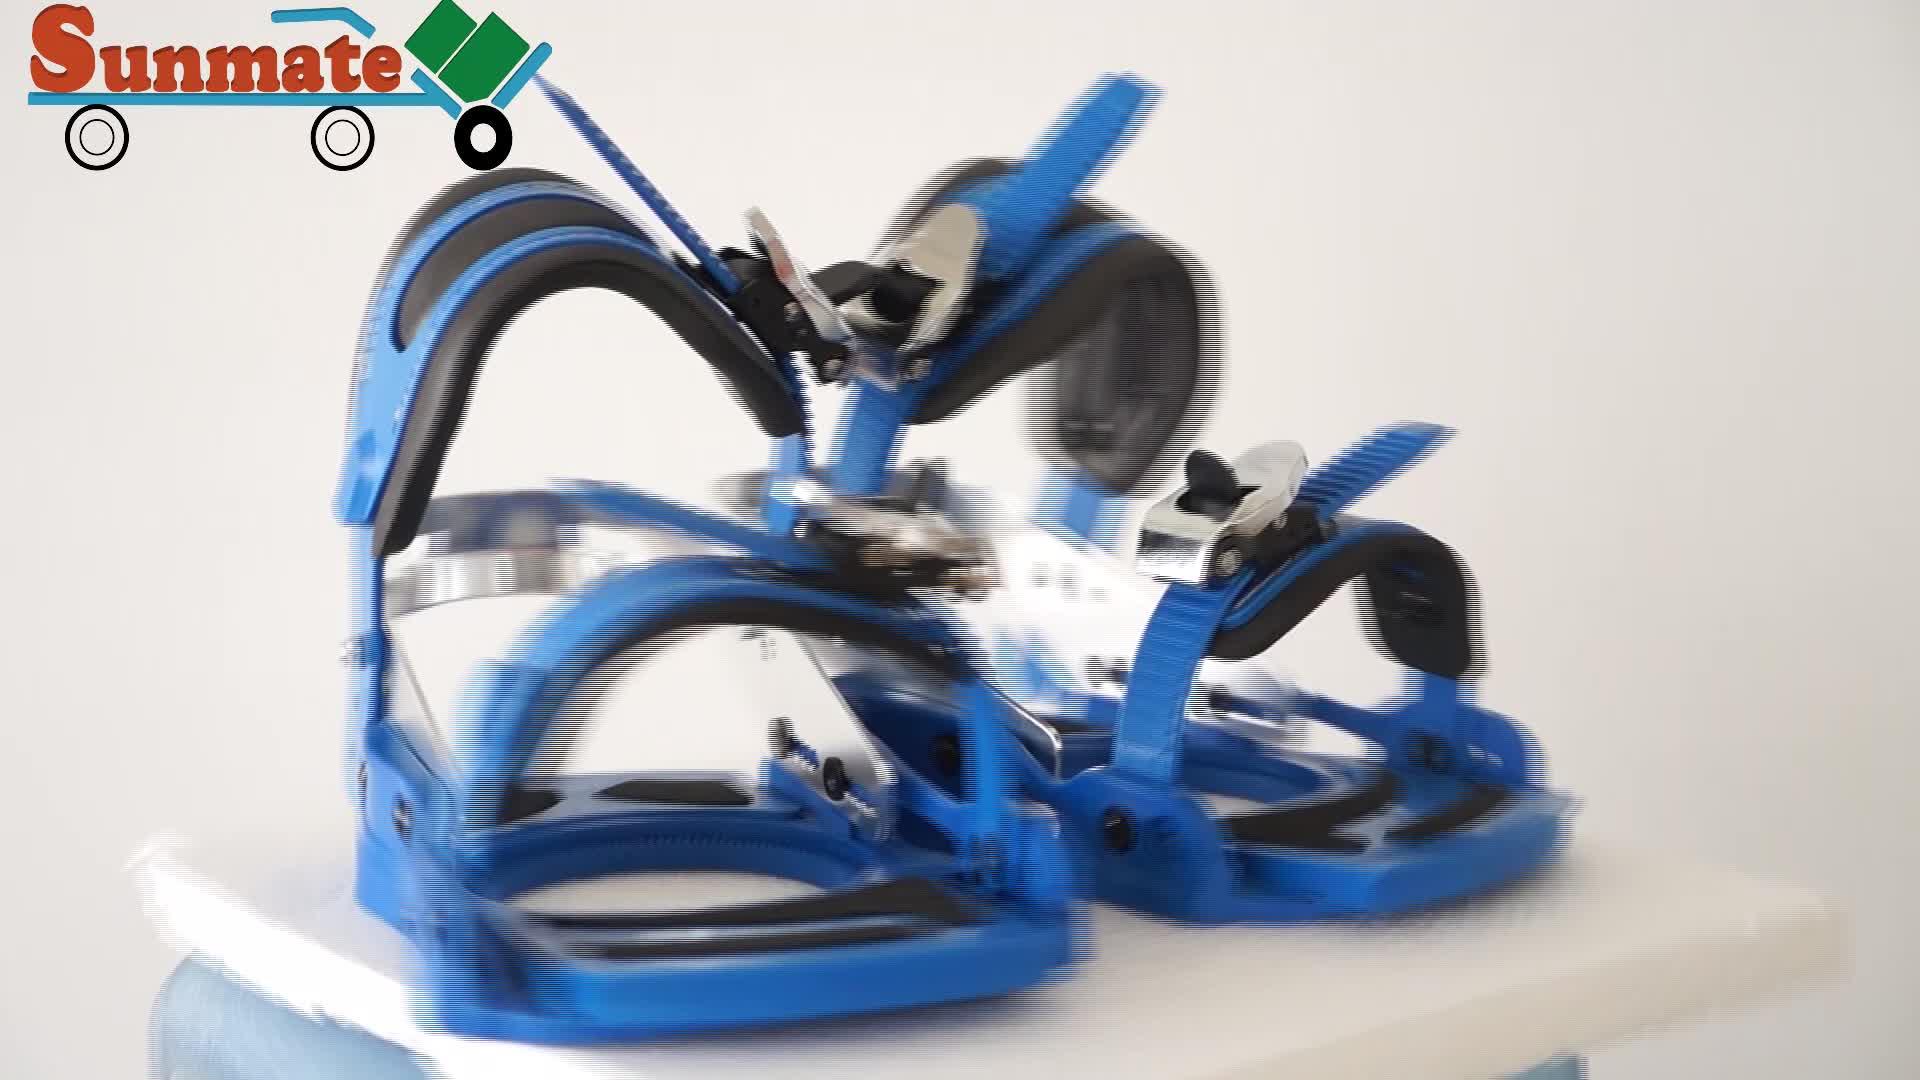 Супер сильный все размеры регулируемый по индивидуальному заказу все горные настройки для ботинок Австралия доски для серфинга сноуборд лыжные биндинги